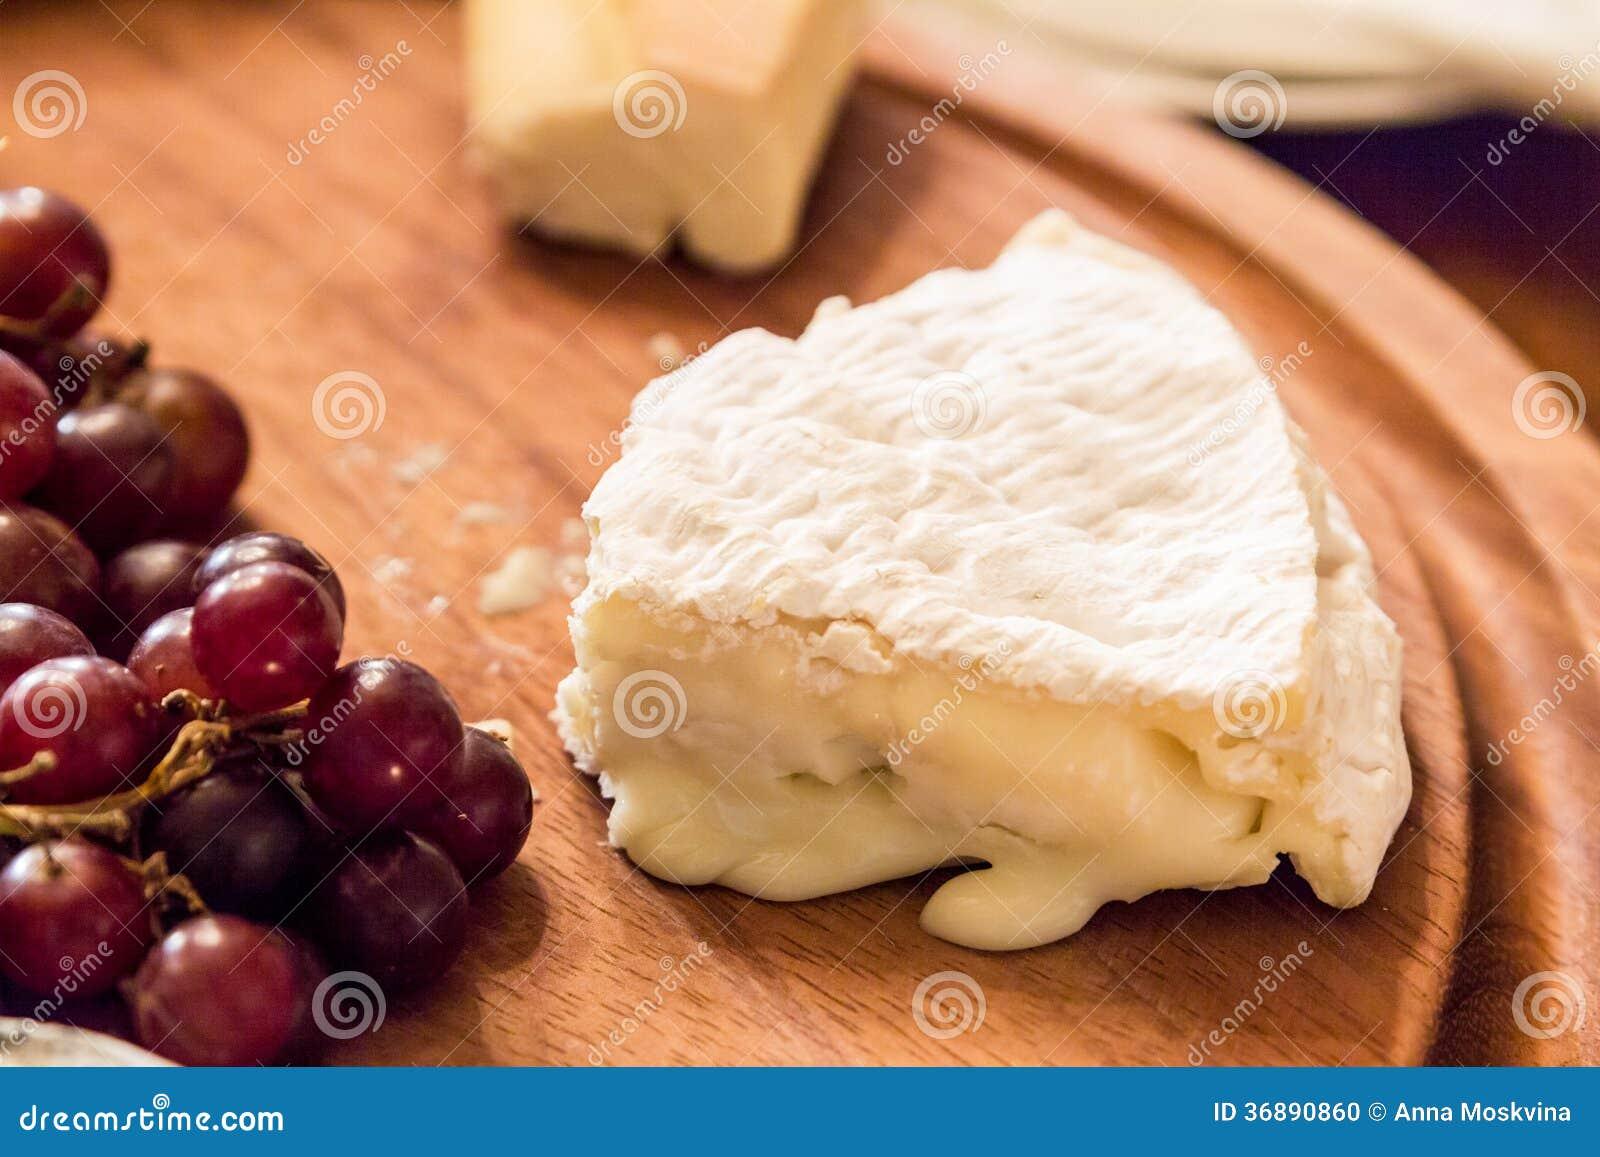 Download Formaggio Sul Piatto Di Legno Con L'uva Fotografia Stock - Immagine di formaggio, disco: 36890860